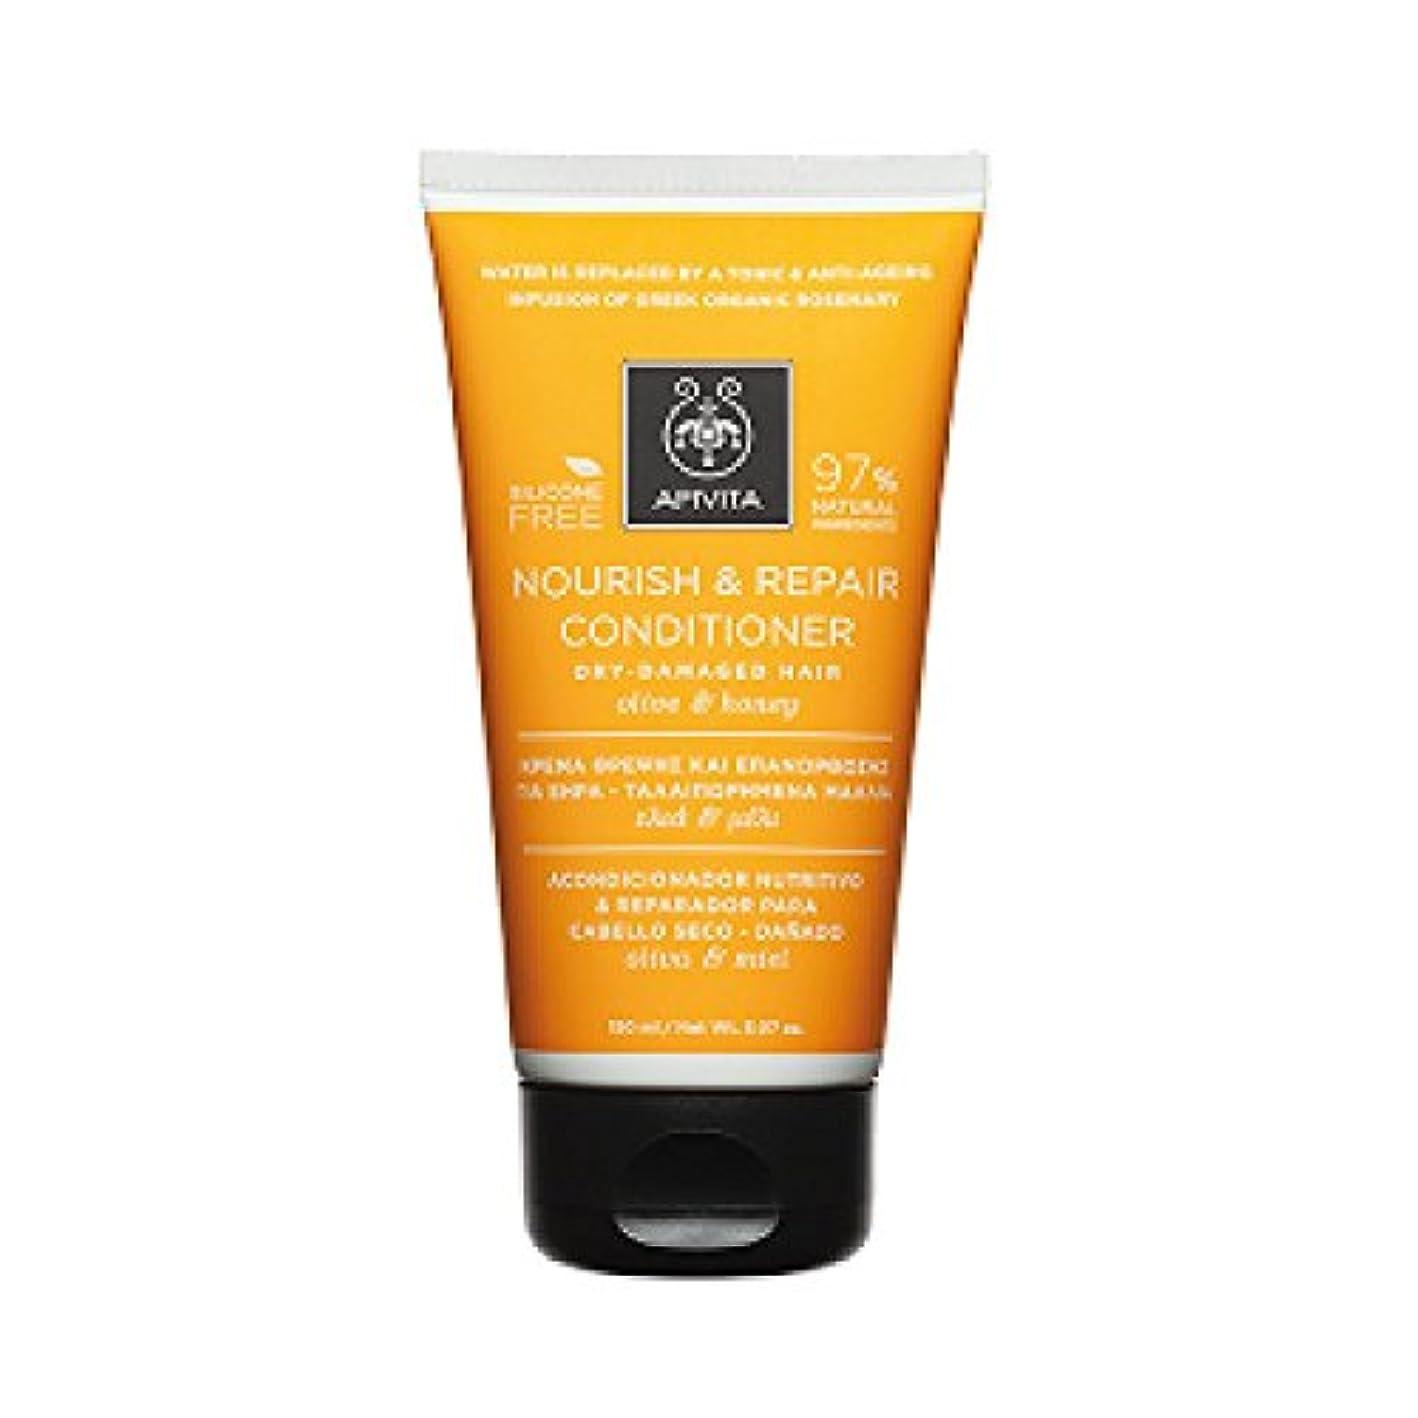 関税パネルうんざりアピヴィータ Nourish & Repair Conditioner with Olive & Honey (For Dry-Damaged Hair) 150ml [並行輸入品]